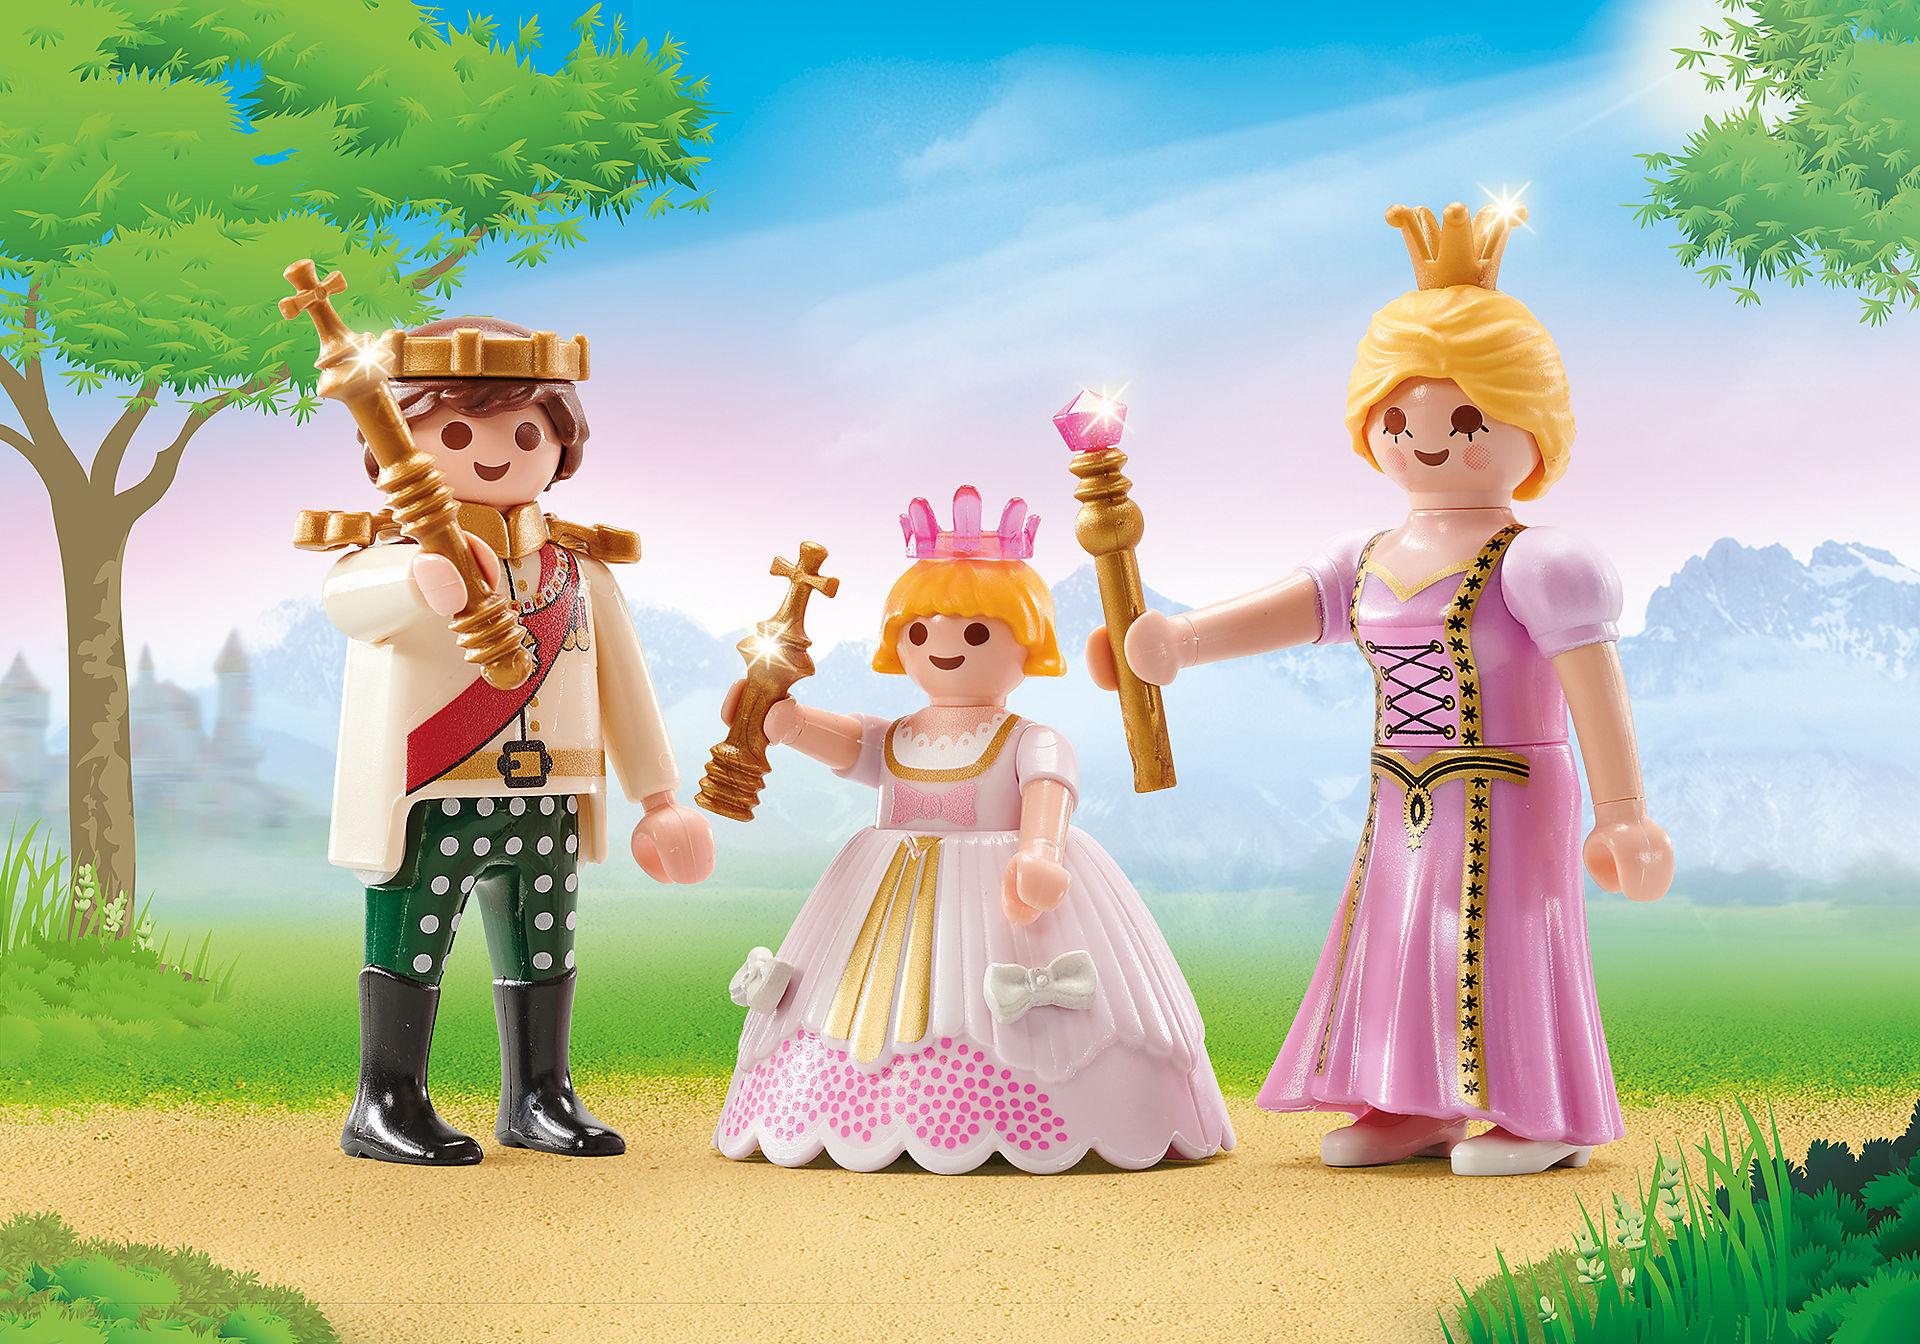 9877 Príncipe y Princesa zoom image1